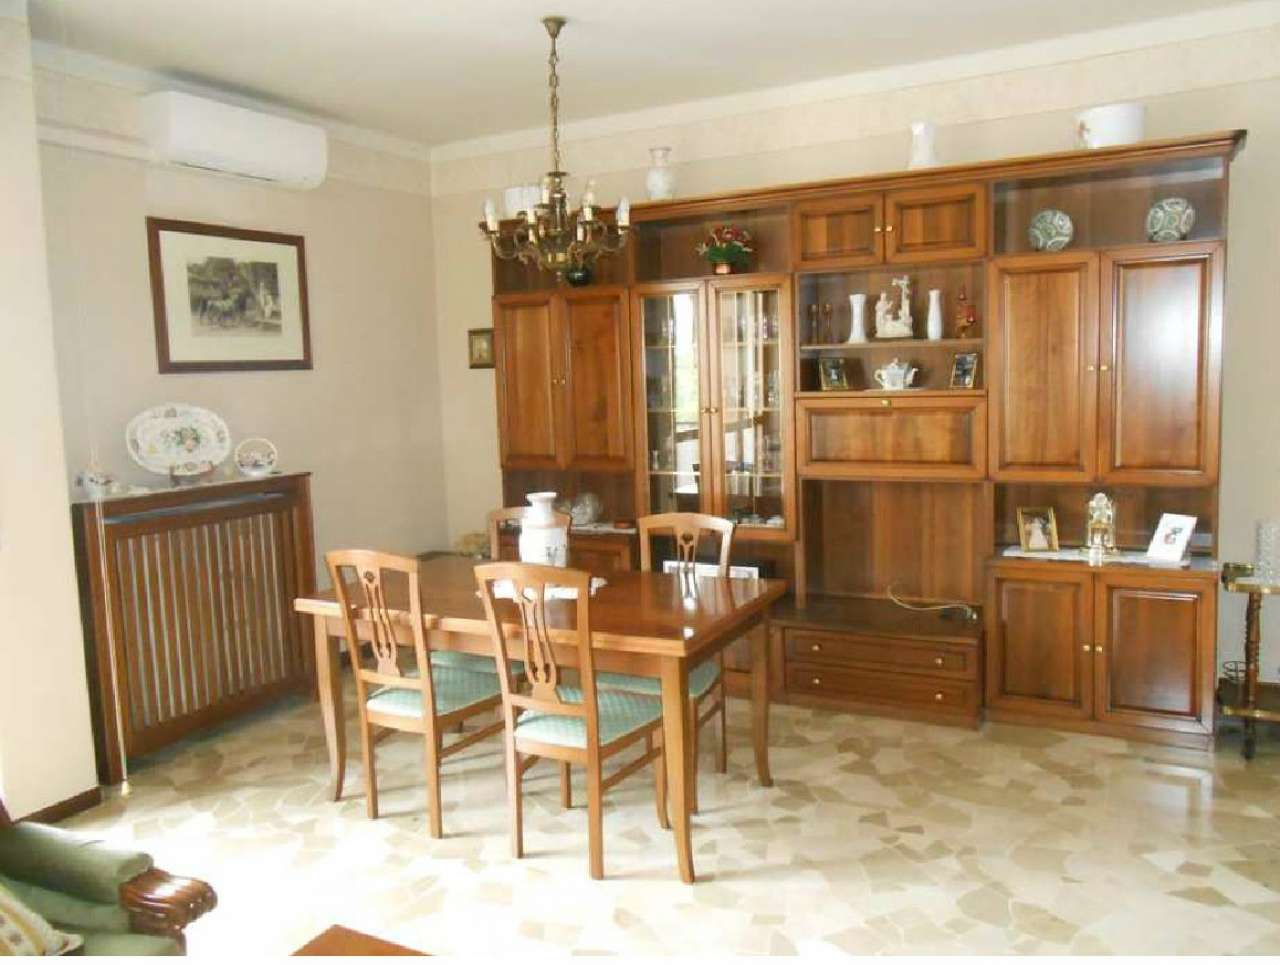 Appartamento in vendita a Gorgonzola, 3 locali, prezzo € 220.000 | Cambio Casa.it